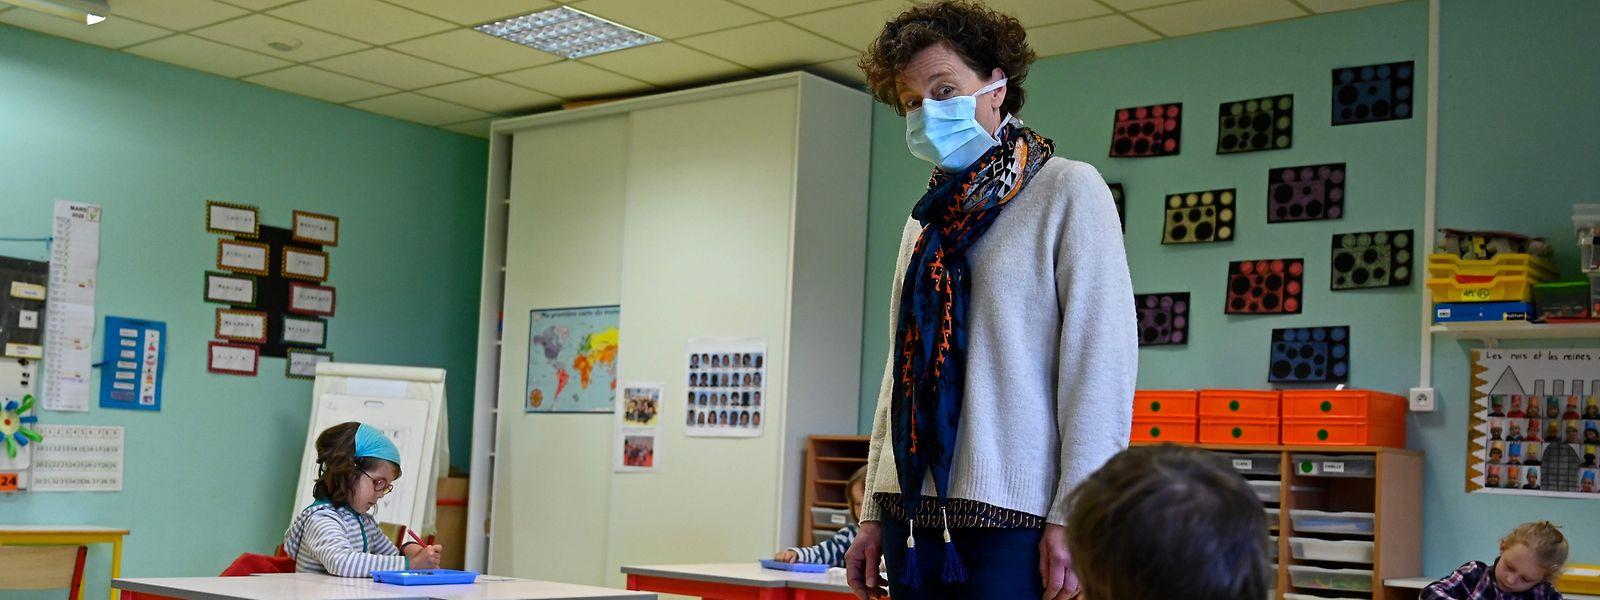 Au dernier relevé, 50 enseignants ont été infectés par le covid la semaine dernière.